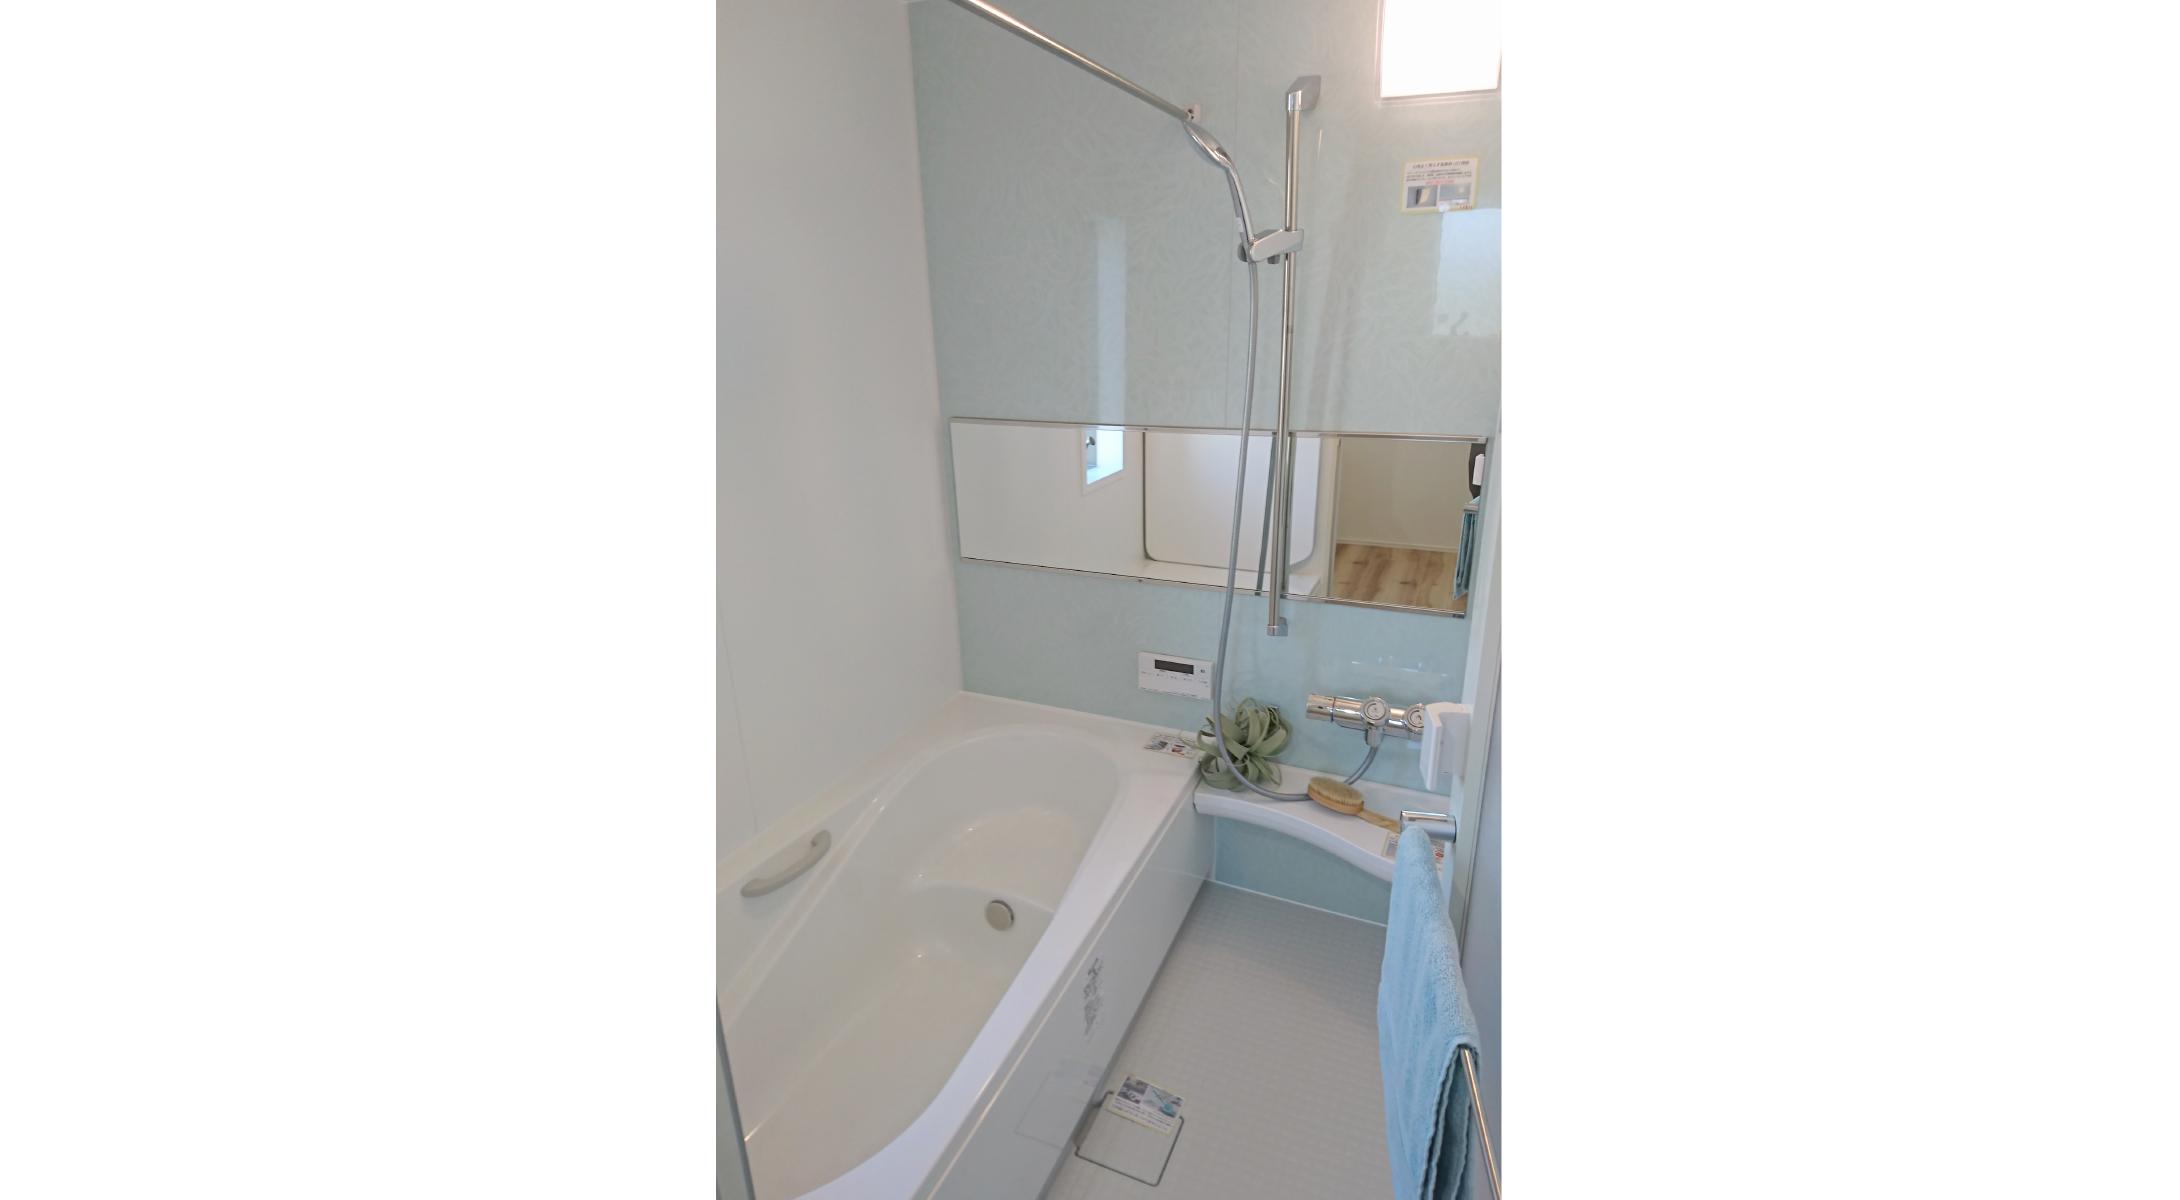 ヘリオスタウンおおたかの森47【浴室】足を伸ばせる広々浴槽には台座があるので半身浴もできます